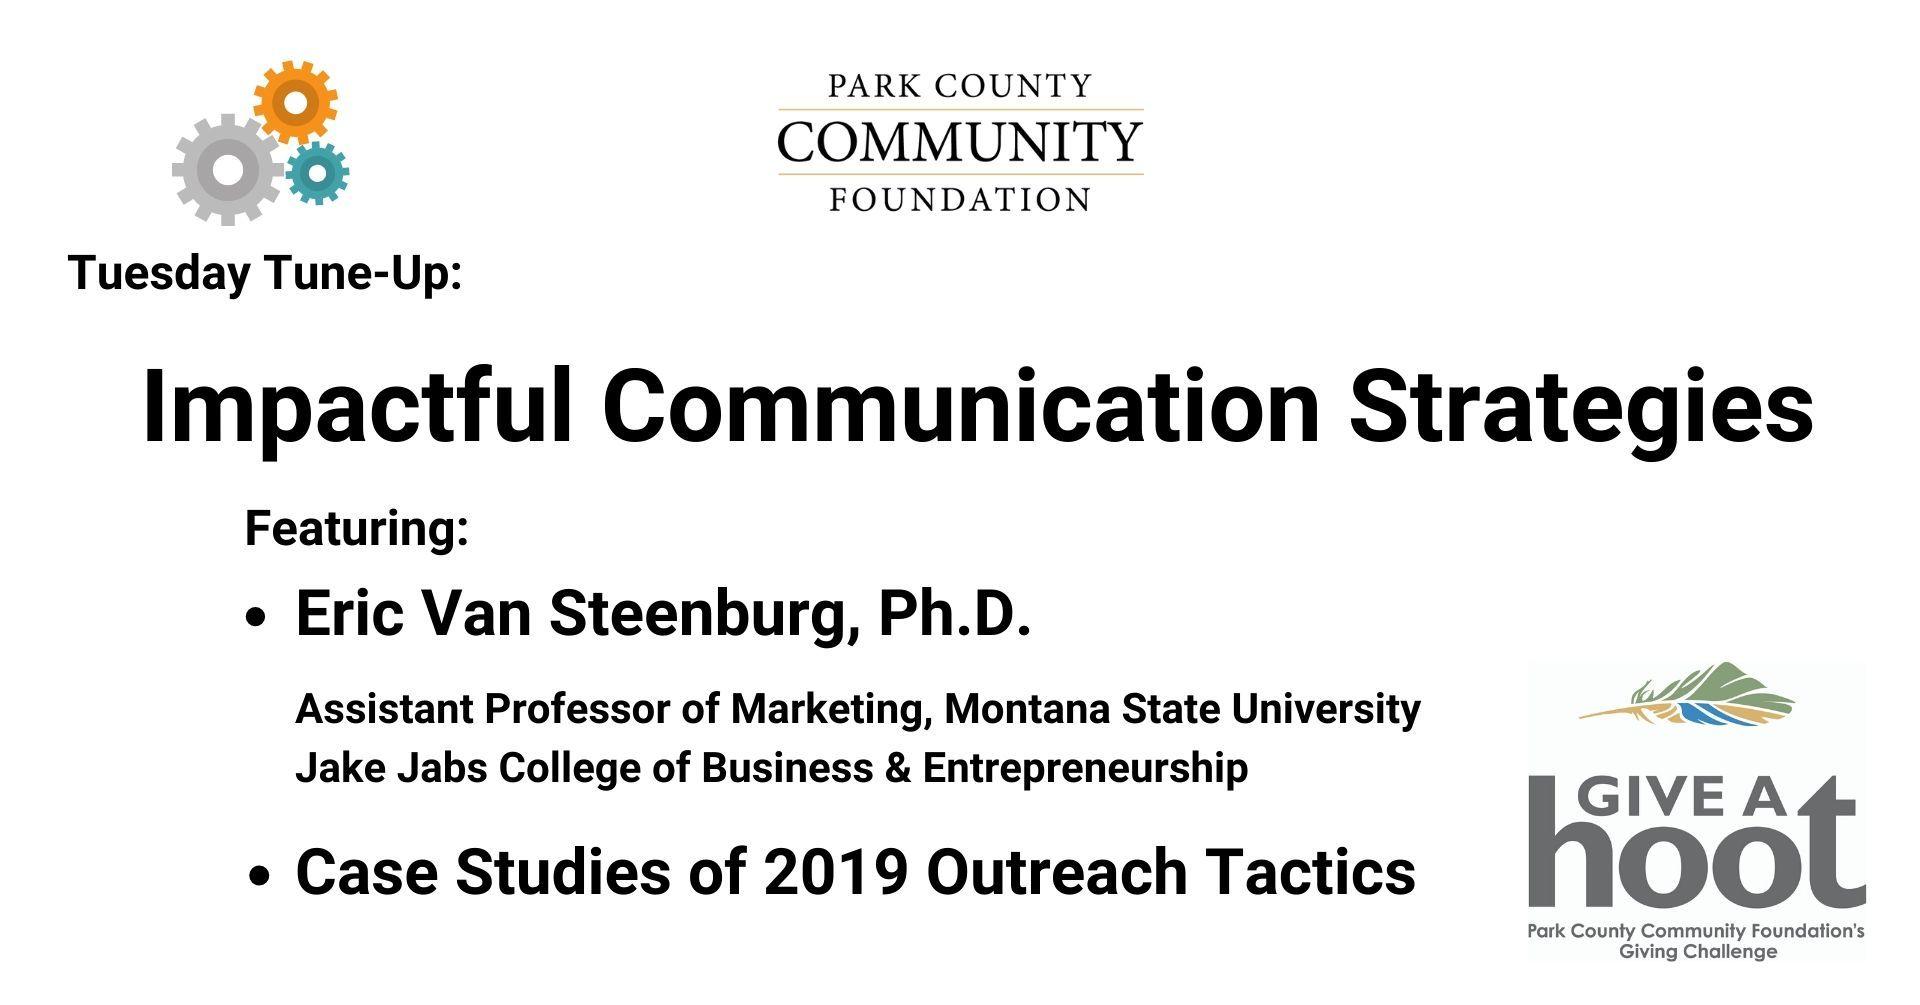 Impactful Communication Strategies